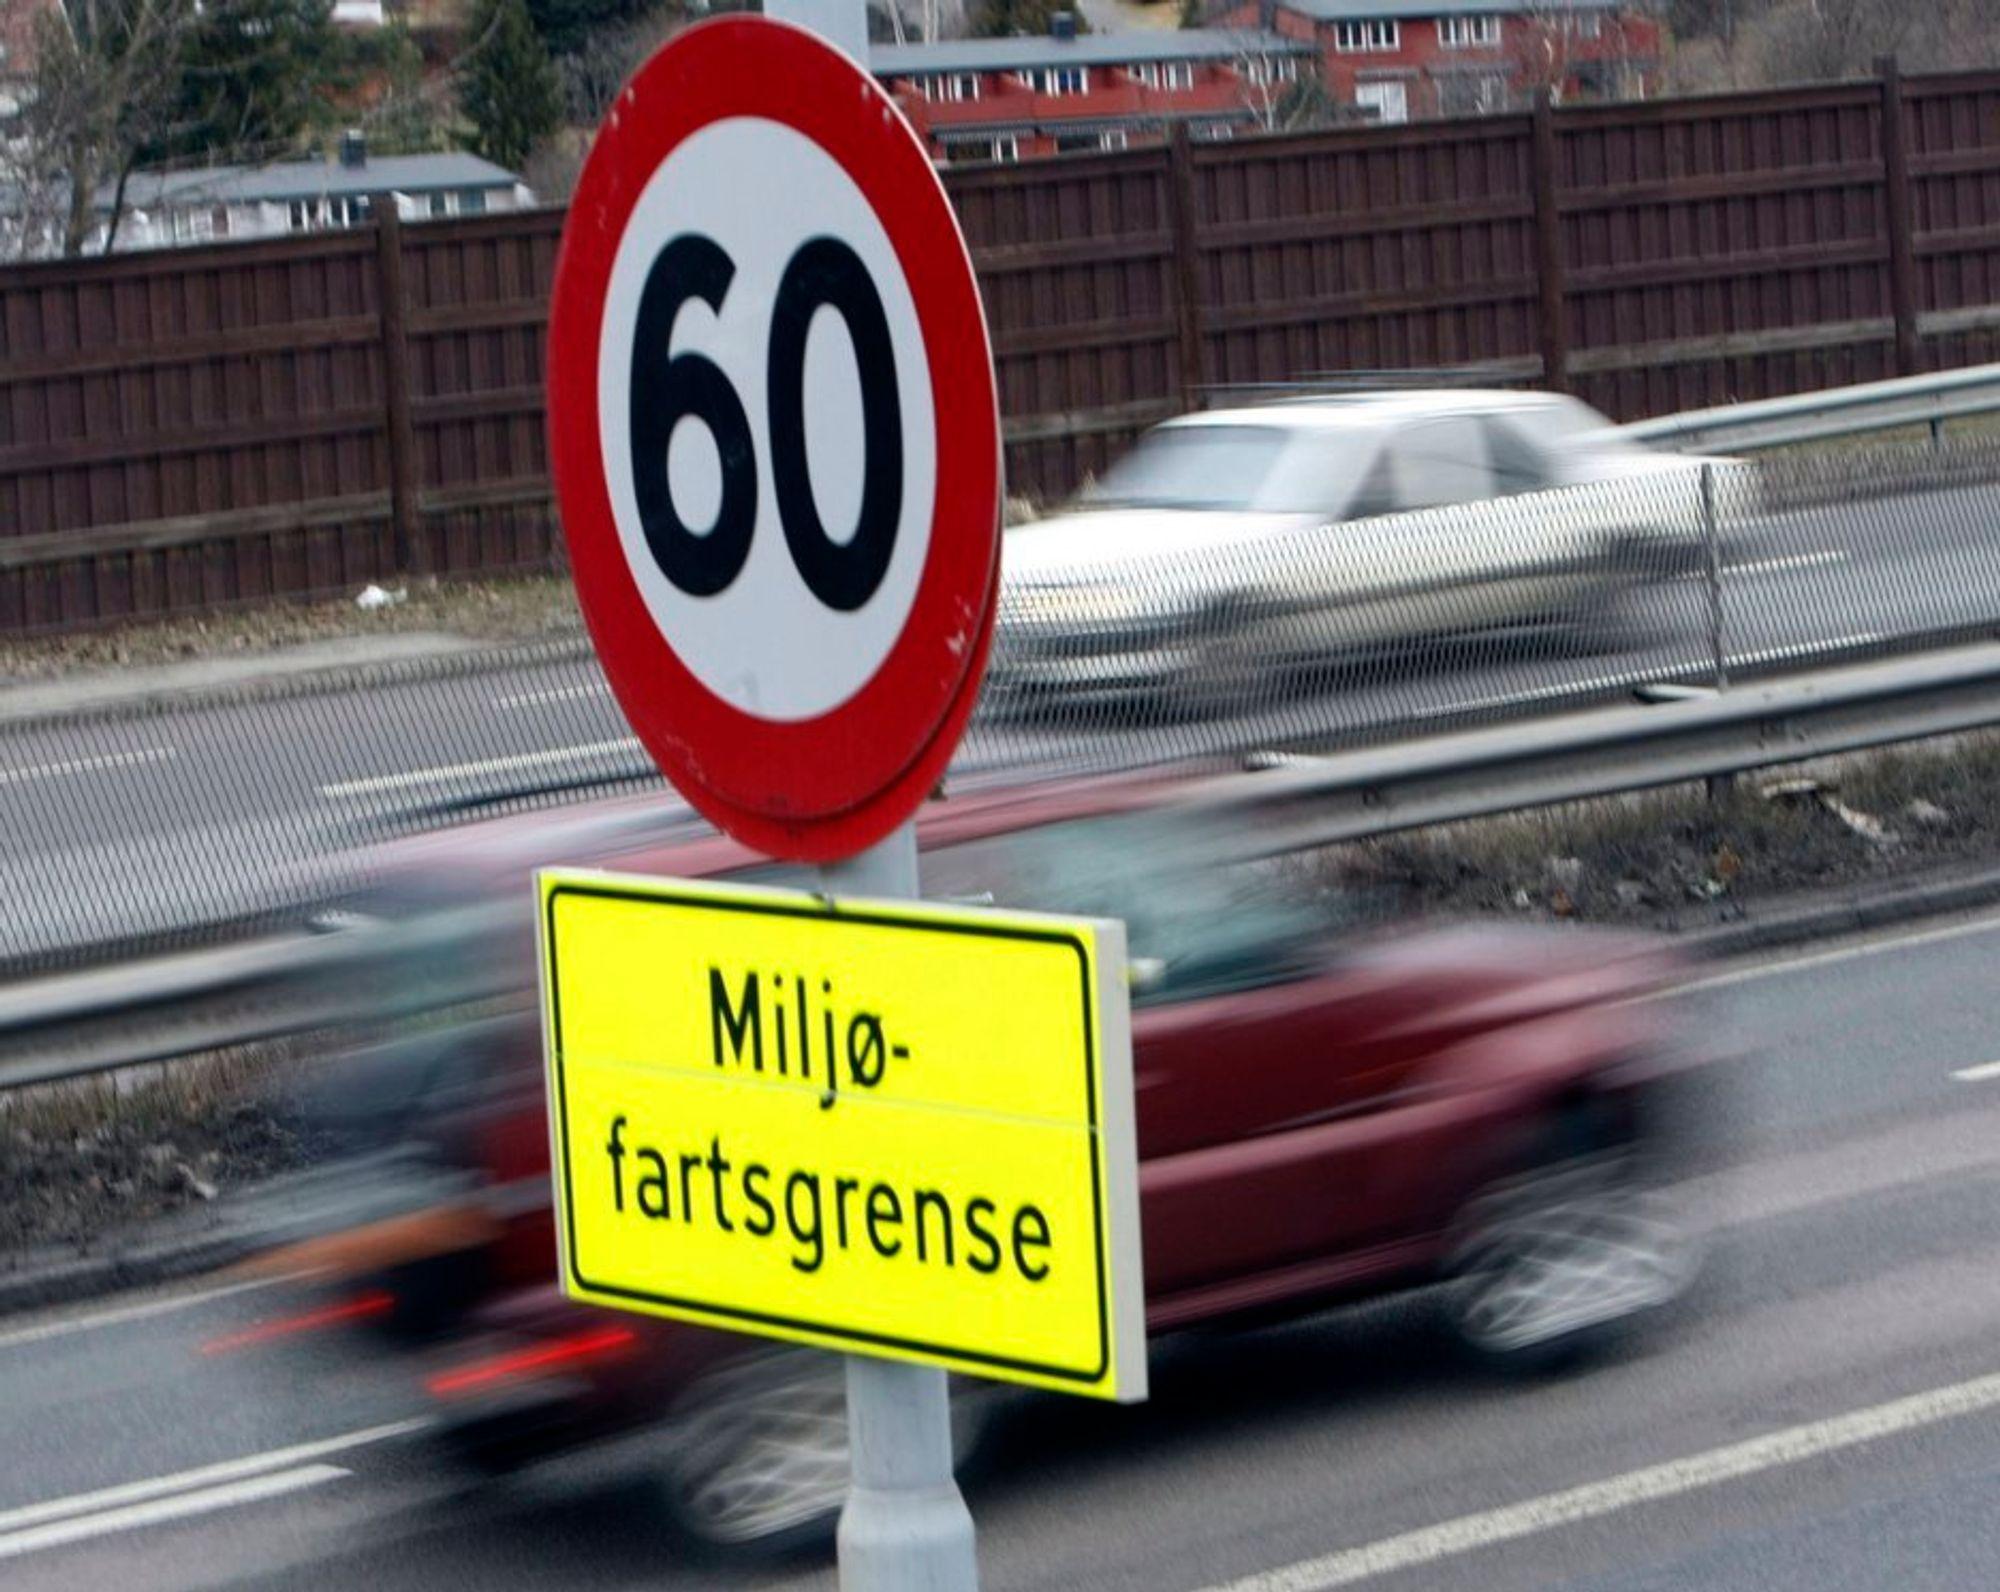 Miljøfartsgrensa beholdes og fartsovertredelse kan etter hvert bli straffet.